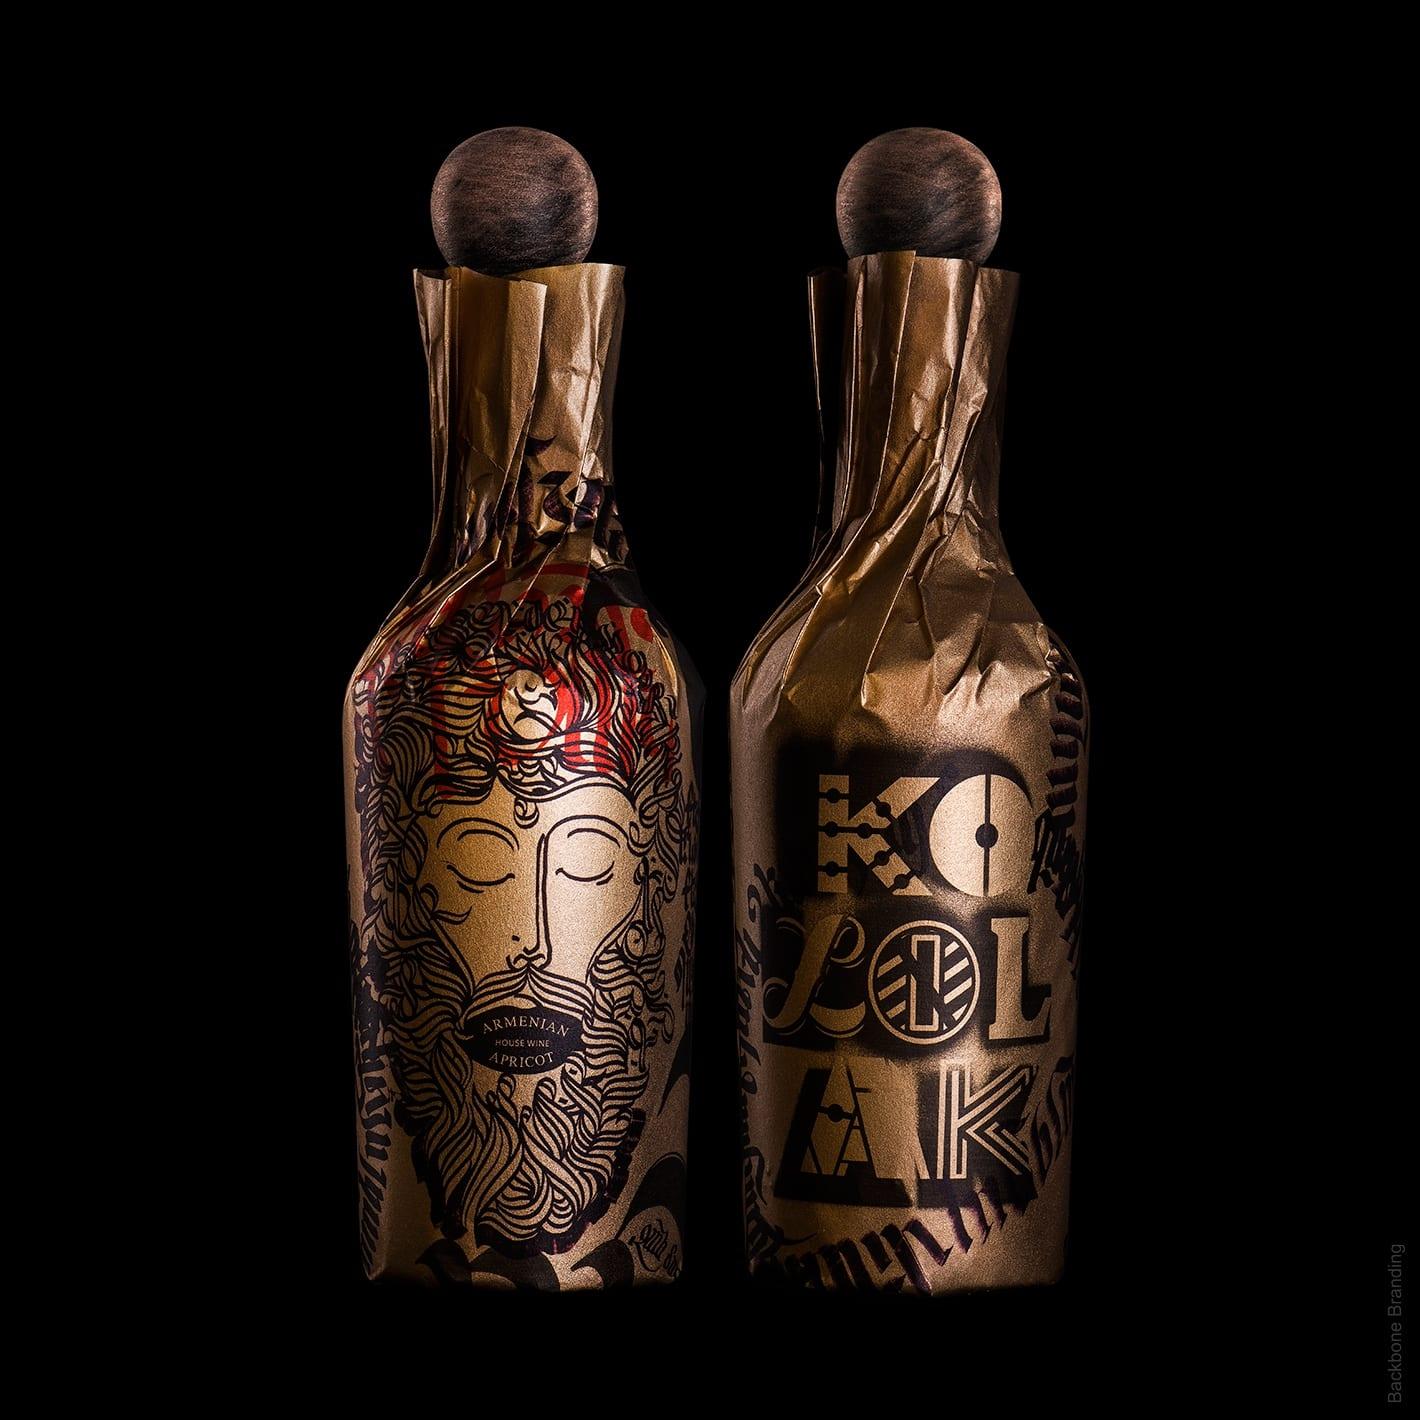 kololak backbone branding 1 - Arménské kulturní dědictví na láhvi Kololak